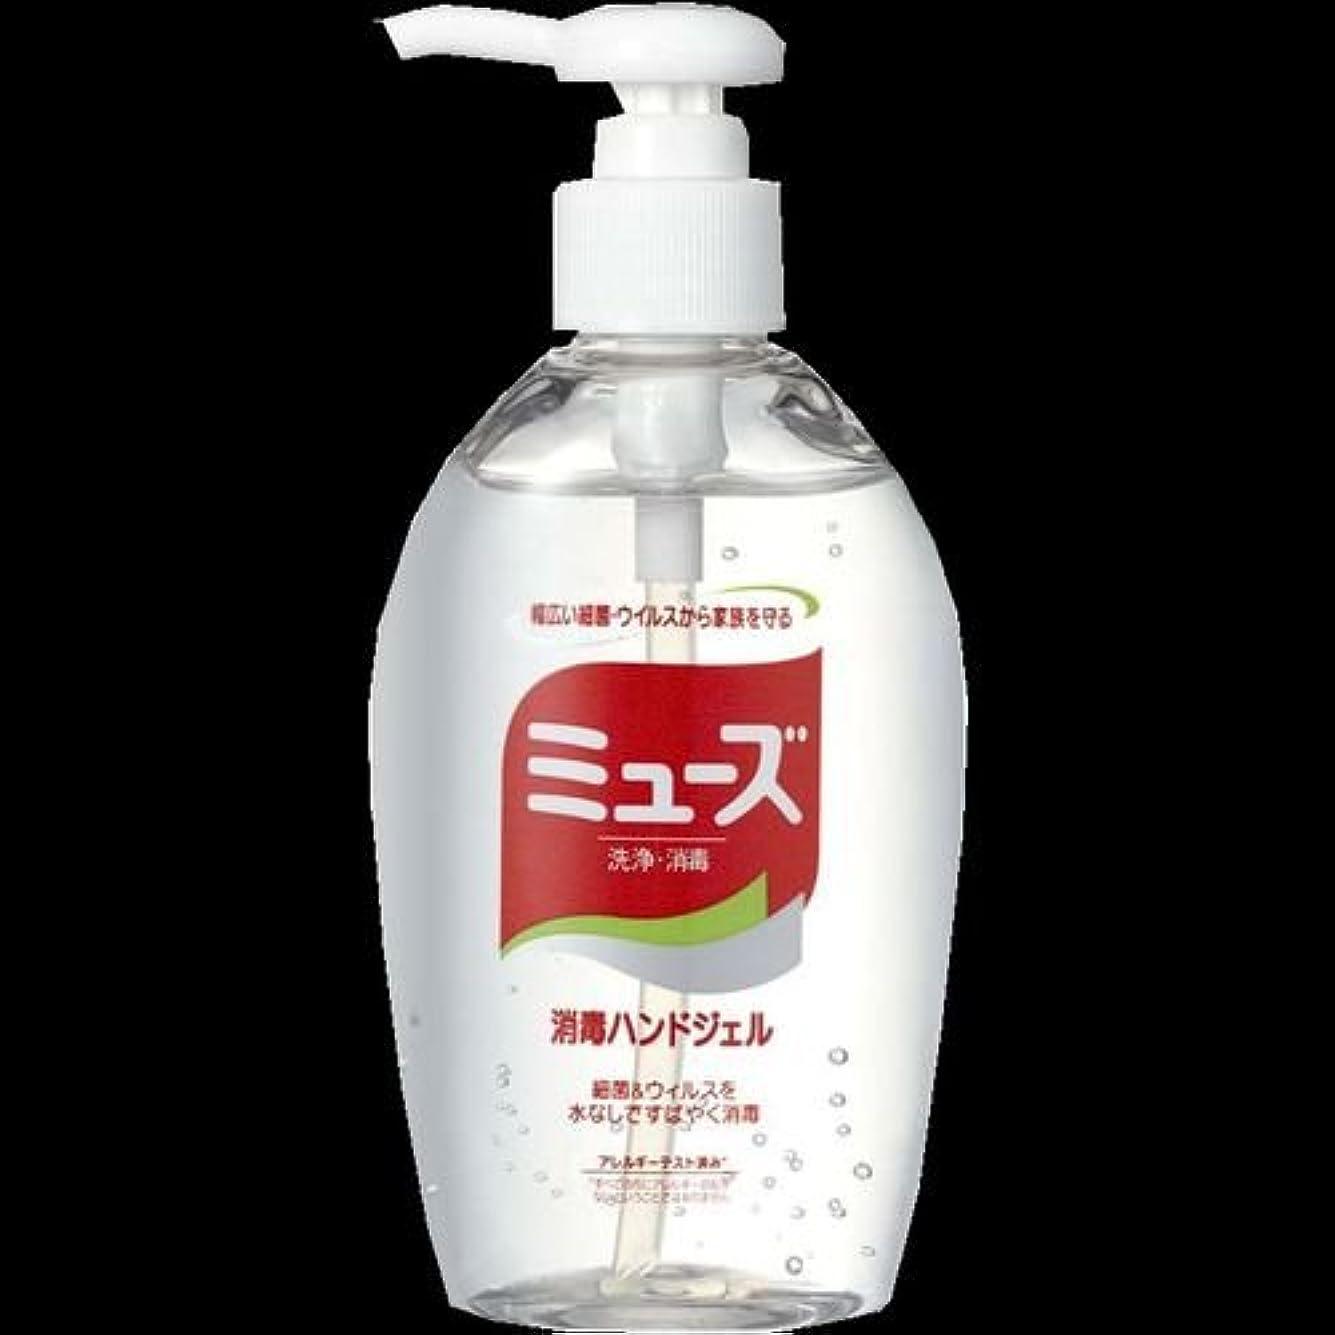 廃止する村災難【まとめ買い】ミューズ 消毒ハンドジェル 200mL ×2セット